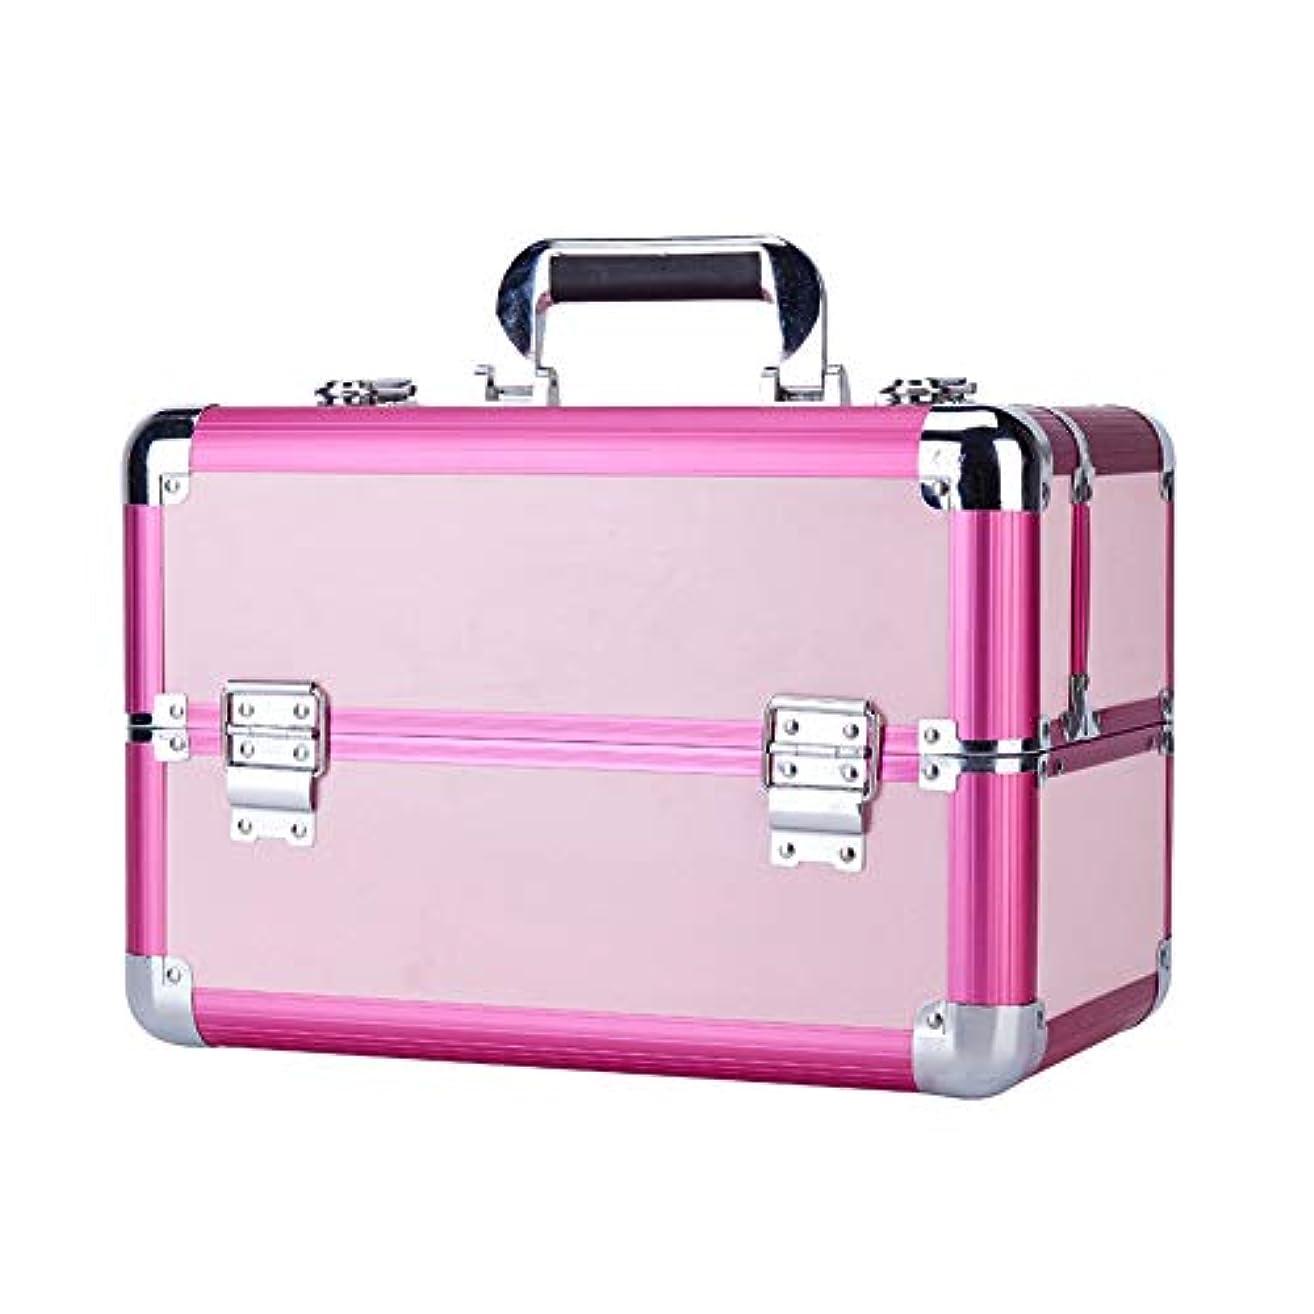 ギャング確かめるアイデア特大スペース収納ビューティーボックス 美の構造のためそしてジッパーおよび折る皿が付いている女の子の女性旅行そして毎日の貯蔵のための高容量の携帯用化粧品袋 化粧品化粧台 (色 : ピンク)